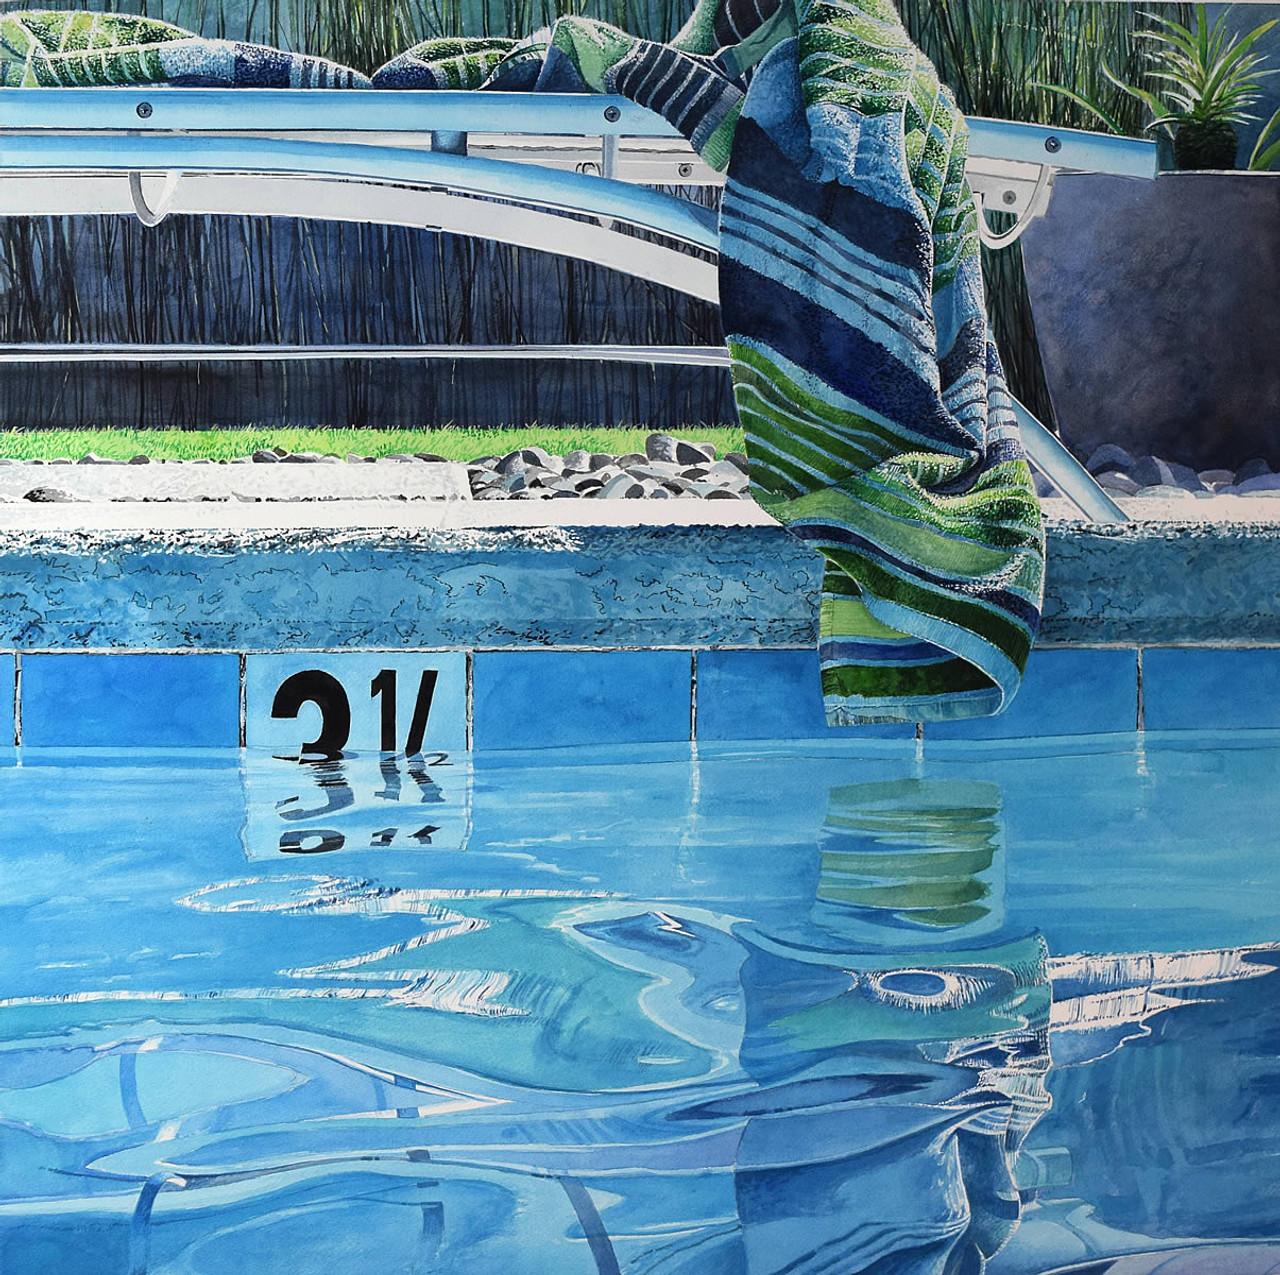 Poolside I